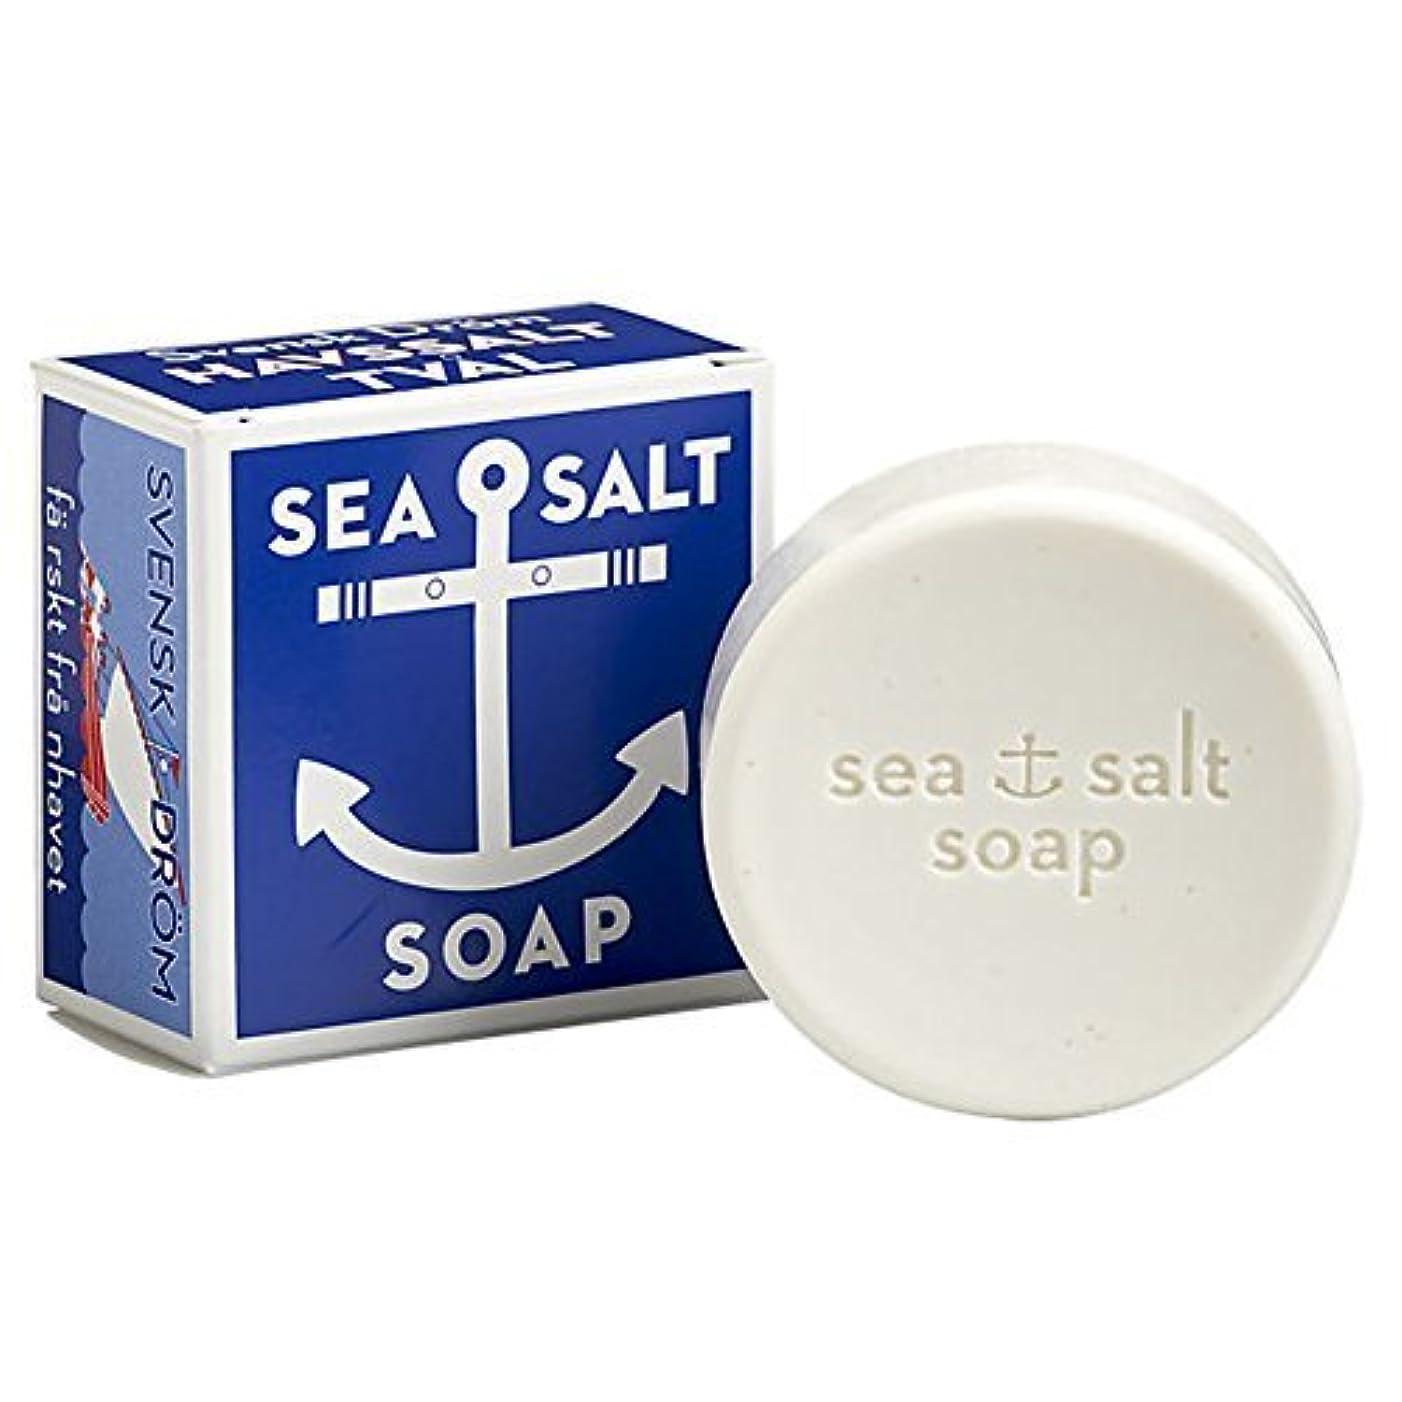 ゴシップ開いたワインSwedish Dream Sea Salt Invigorating Bath Soap - One 4.3 oz Bar by Swedish Dream [並行輸入品]